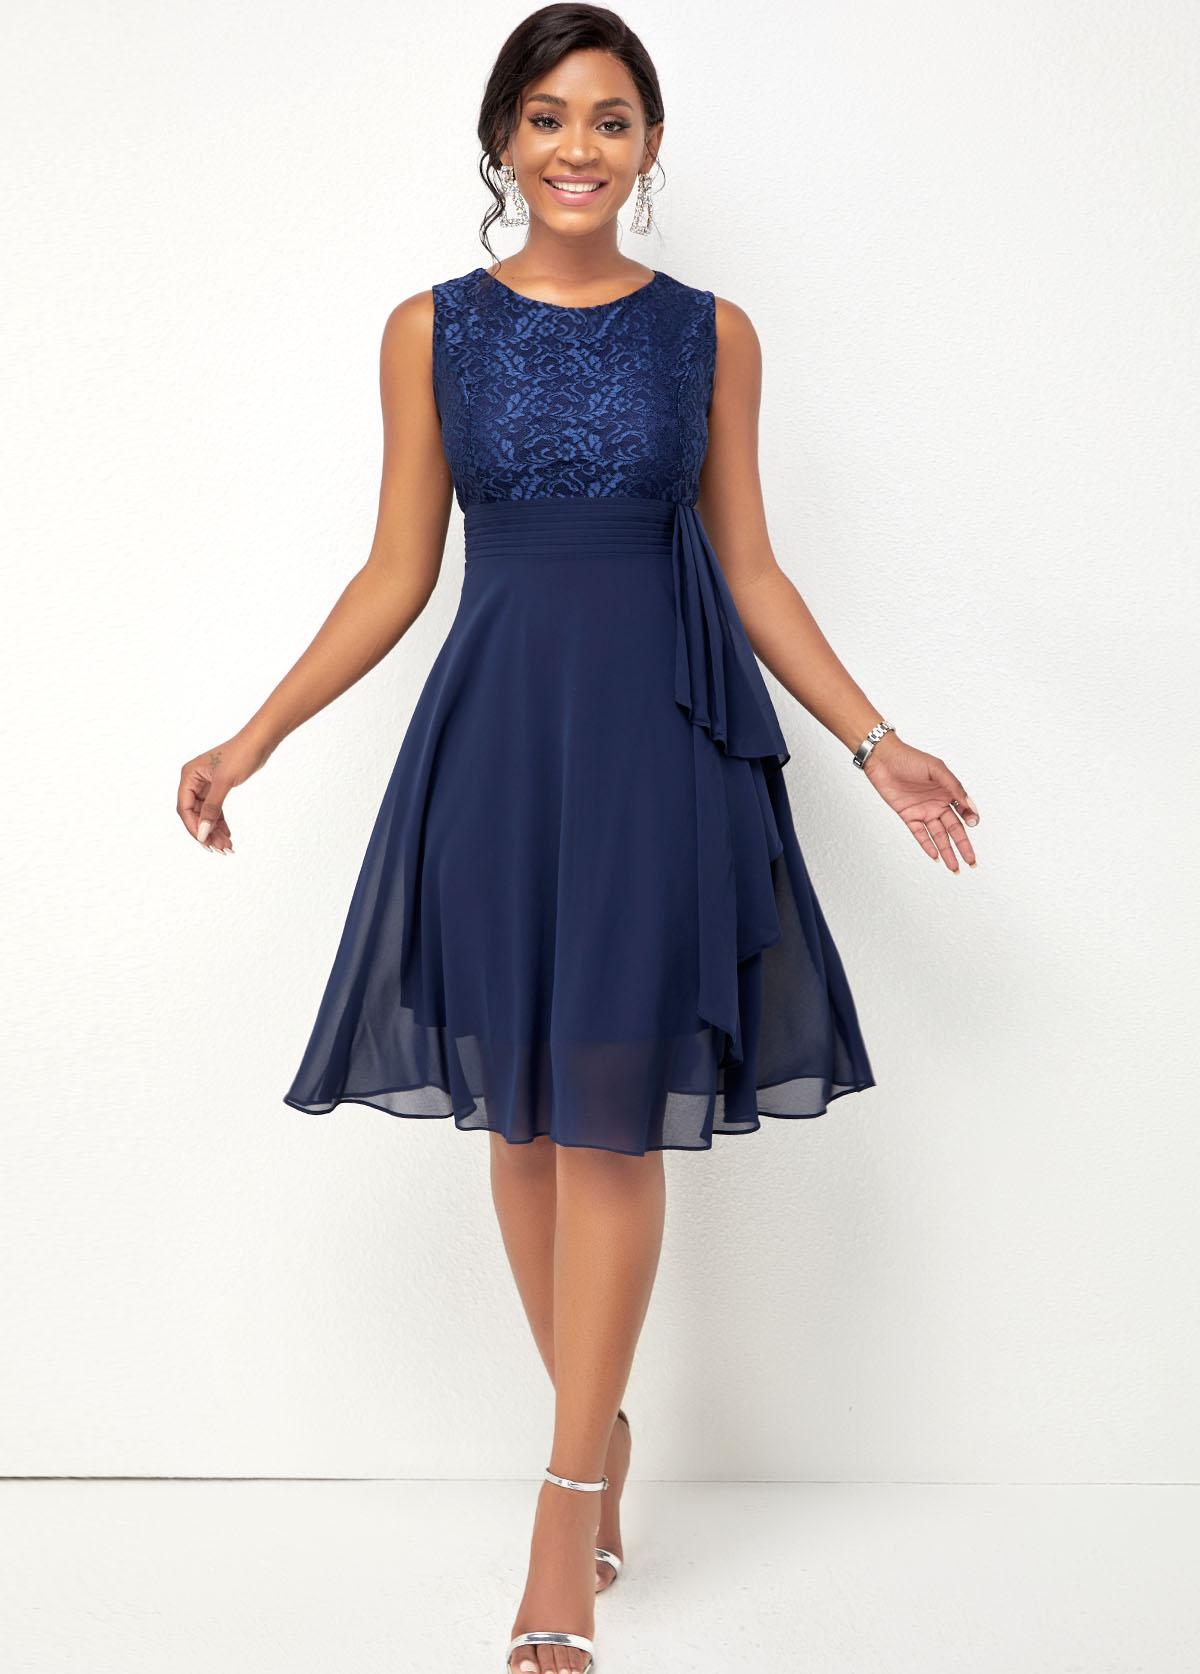 Lace Stitching Chiffon Navy Blue Dress